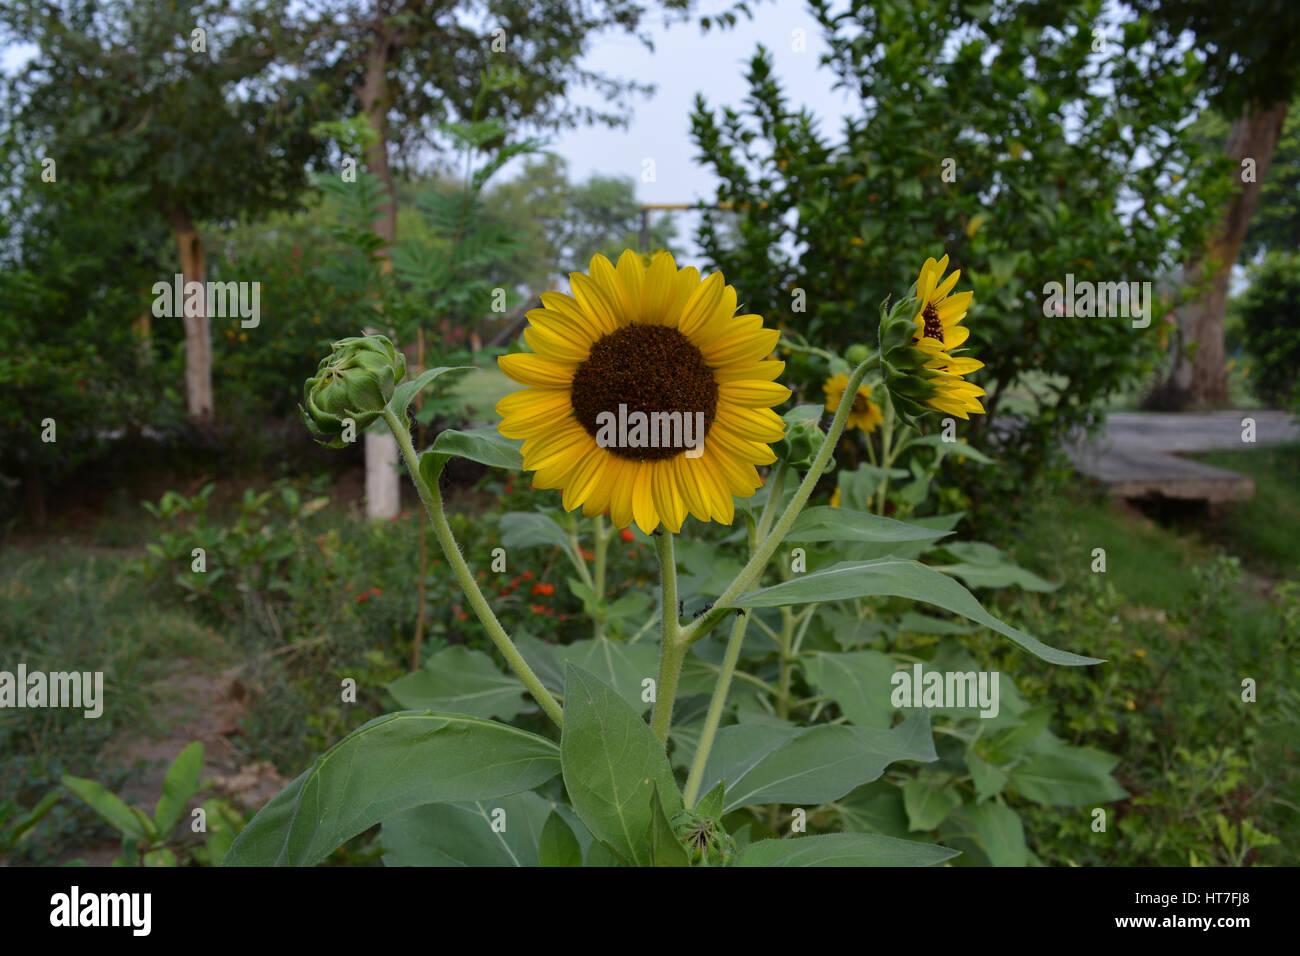 Sunflowersnflower watching younflowers in actions stock sunflower watching younflowers in actions beautiful flowers izmirmasajfo